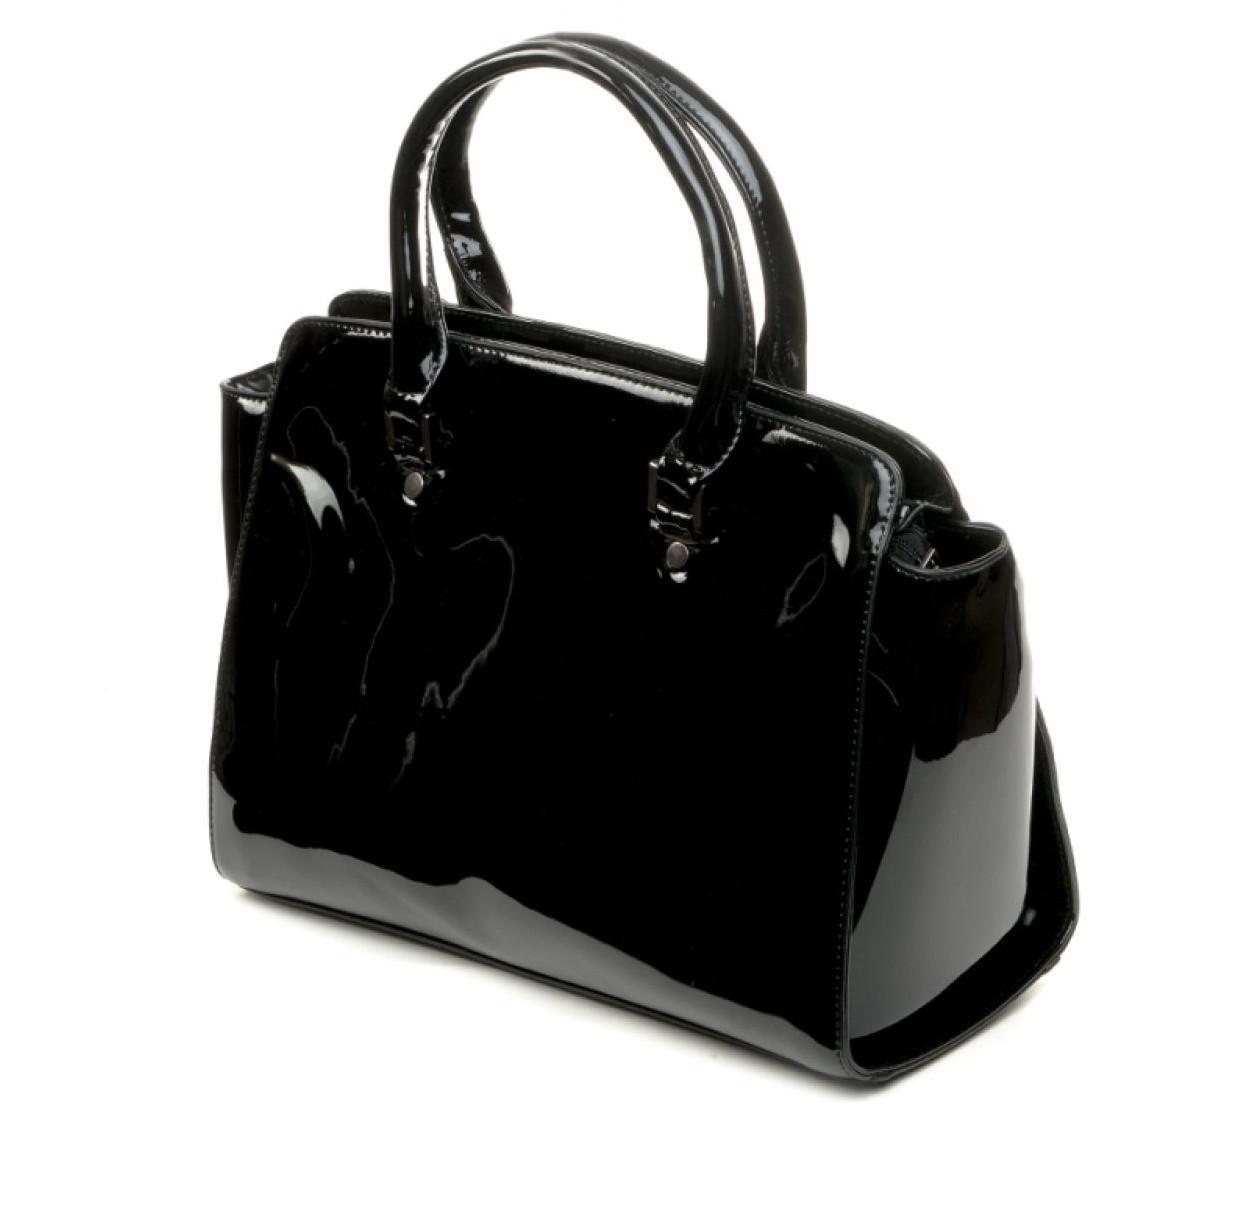 9b1bdc782815 Купить Женская сумка 6607 Модные и стильные женские сумки. Новинки ...